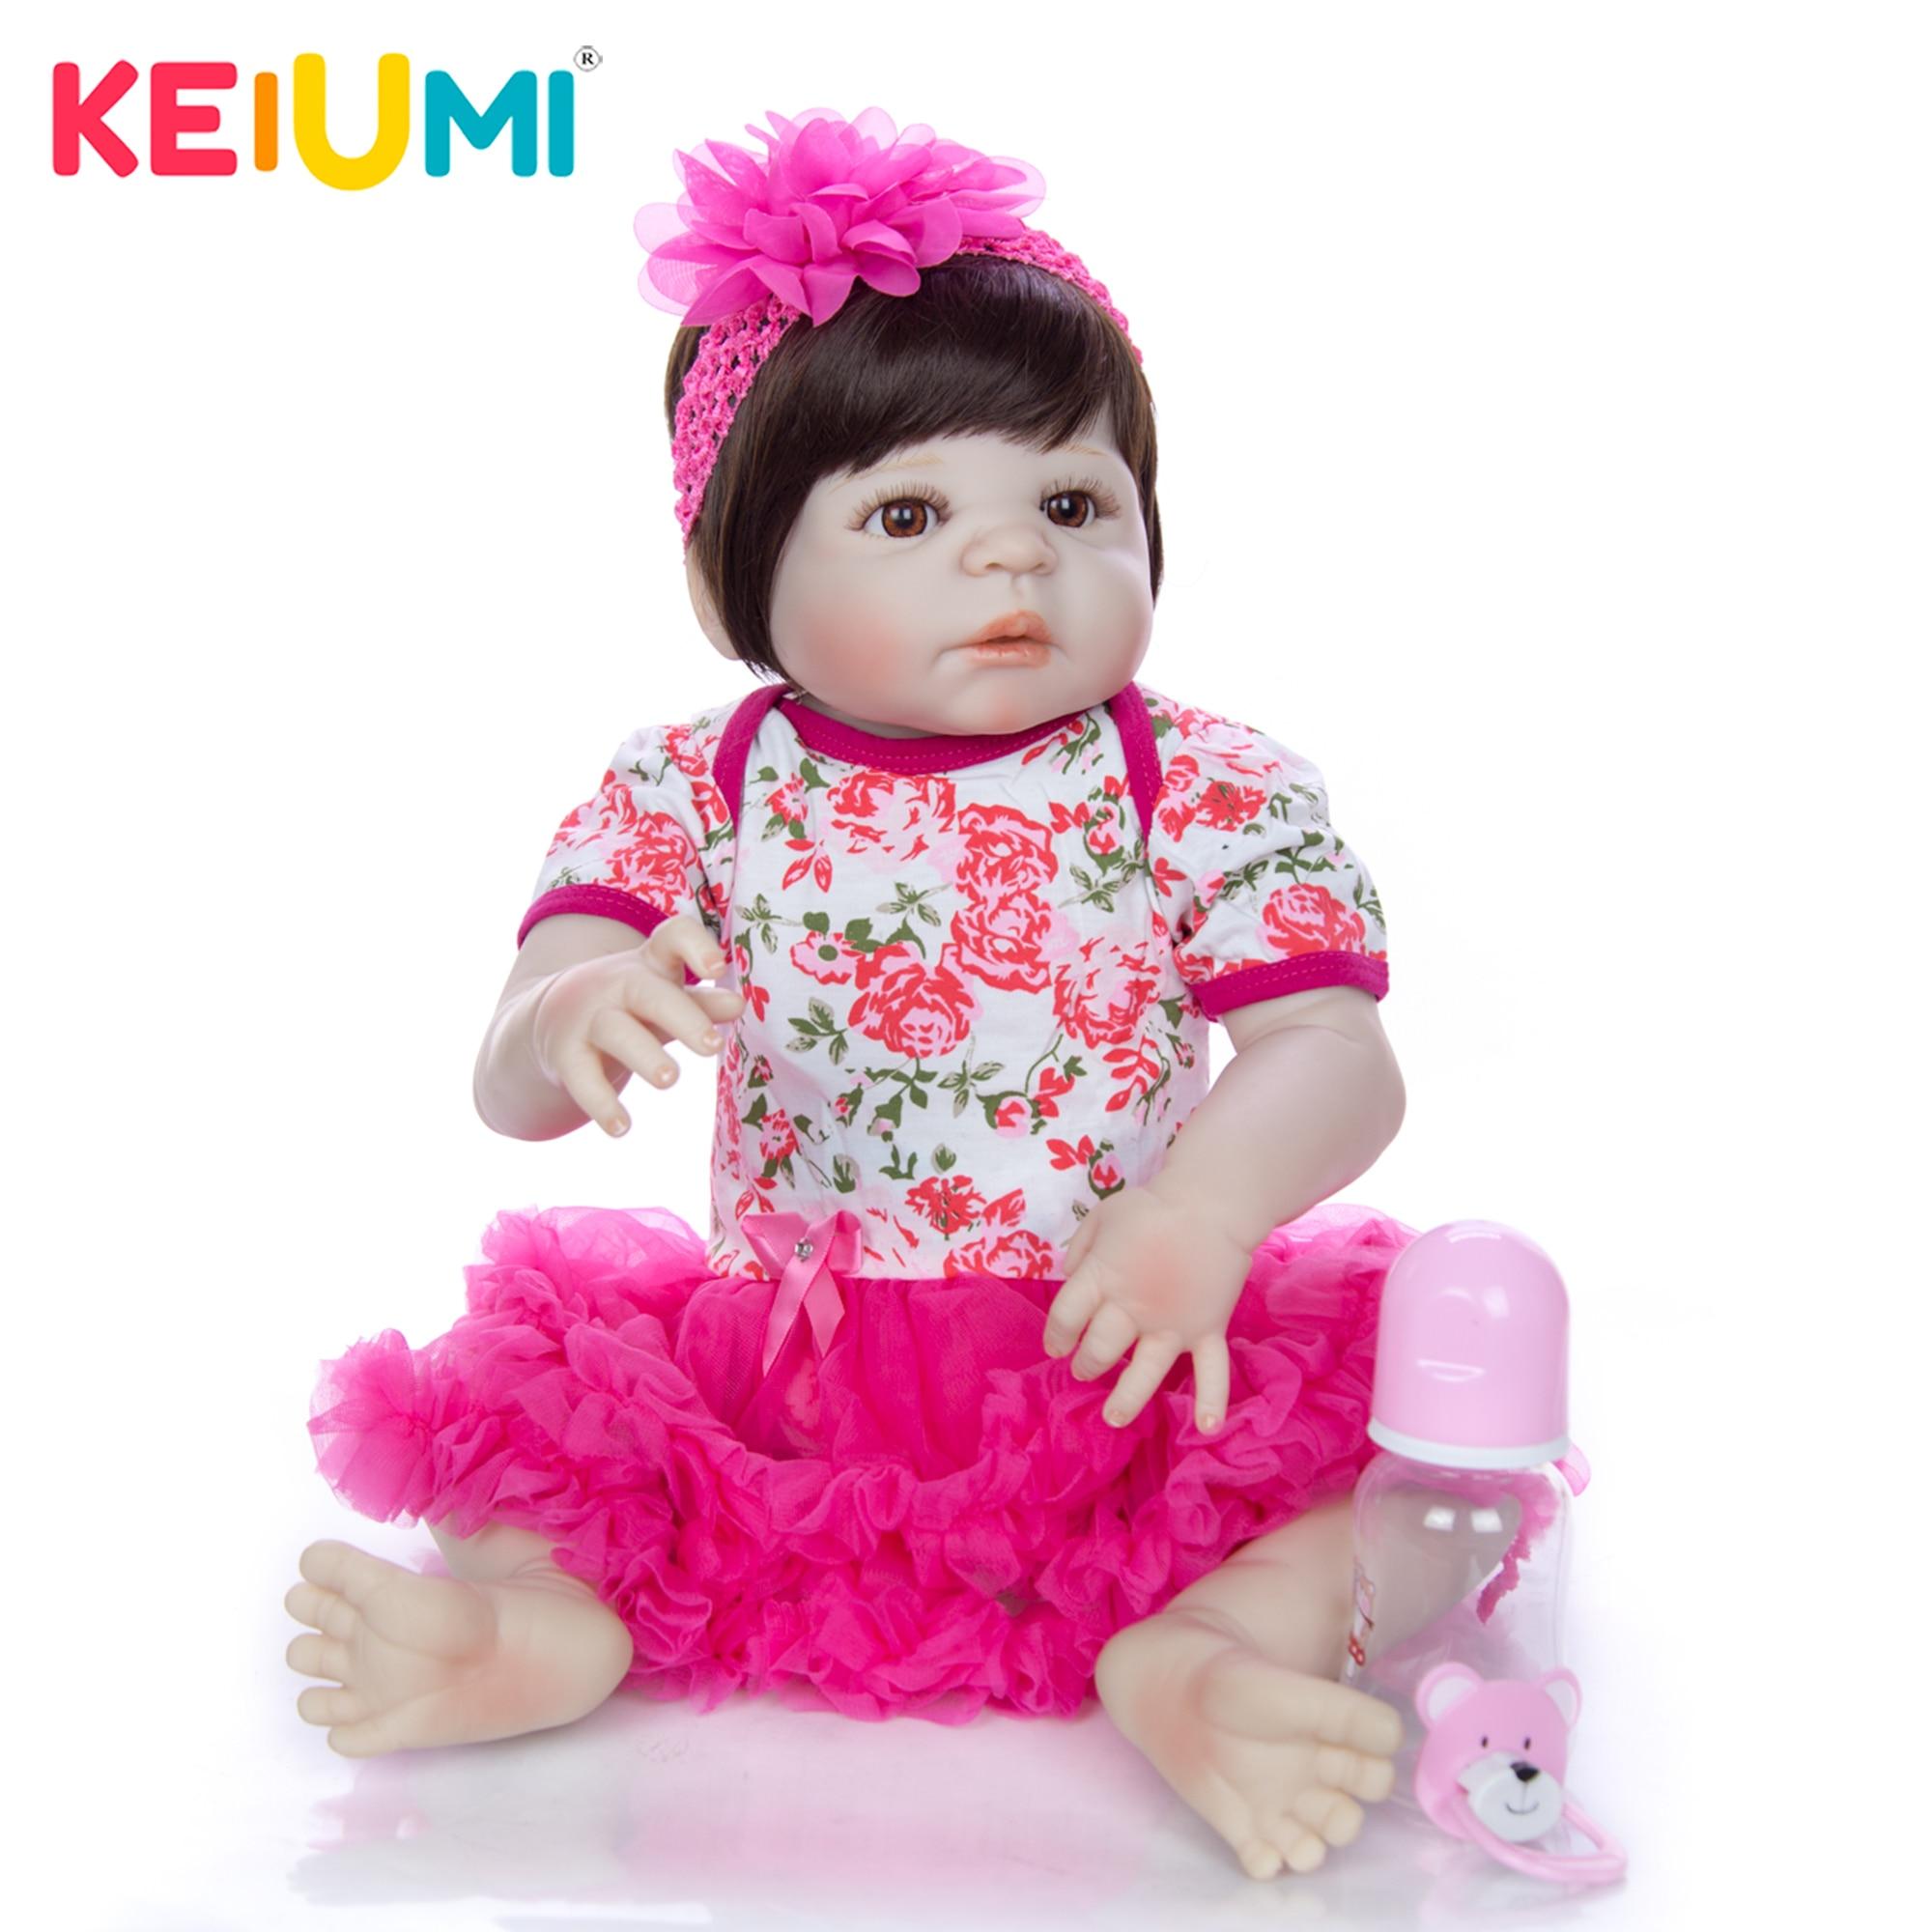 Słodka księżniczka Reborn Baby 23 ''pełne winylu ciało silikonowe lalki dla dzieci zgodnie z, takich jak Boneca noworodka lalki dla dziewczyna brinquedos prezenty w Lalki od Zabawki i hobby na  Grupa 1